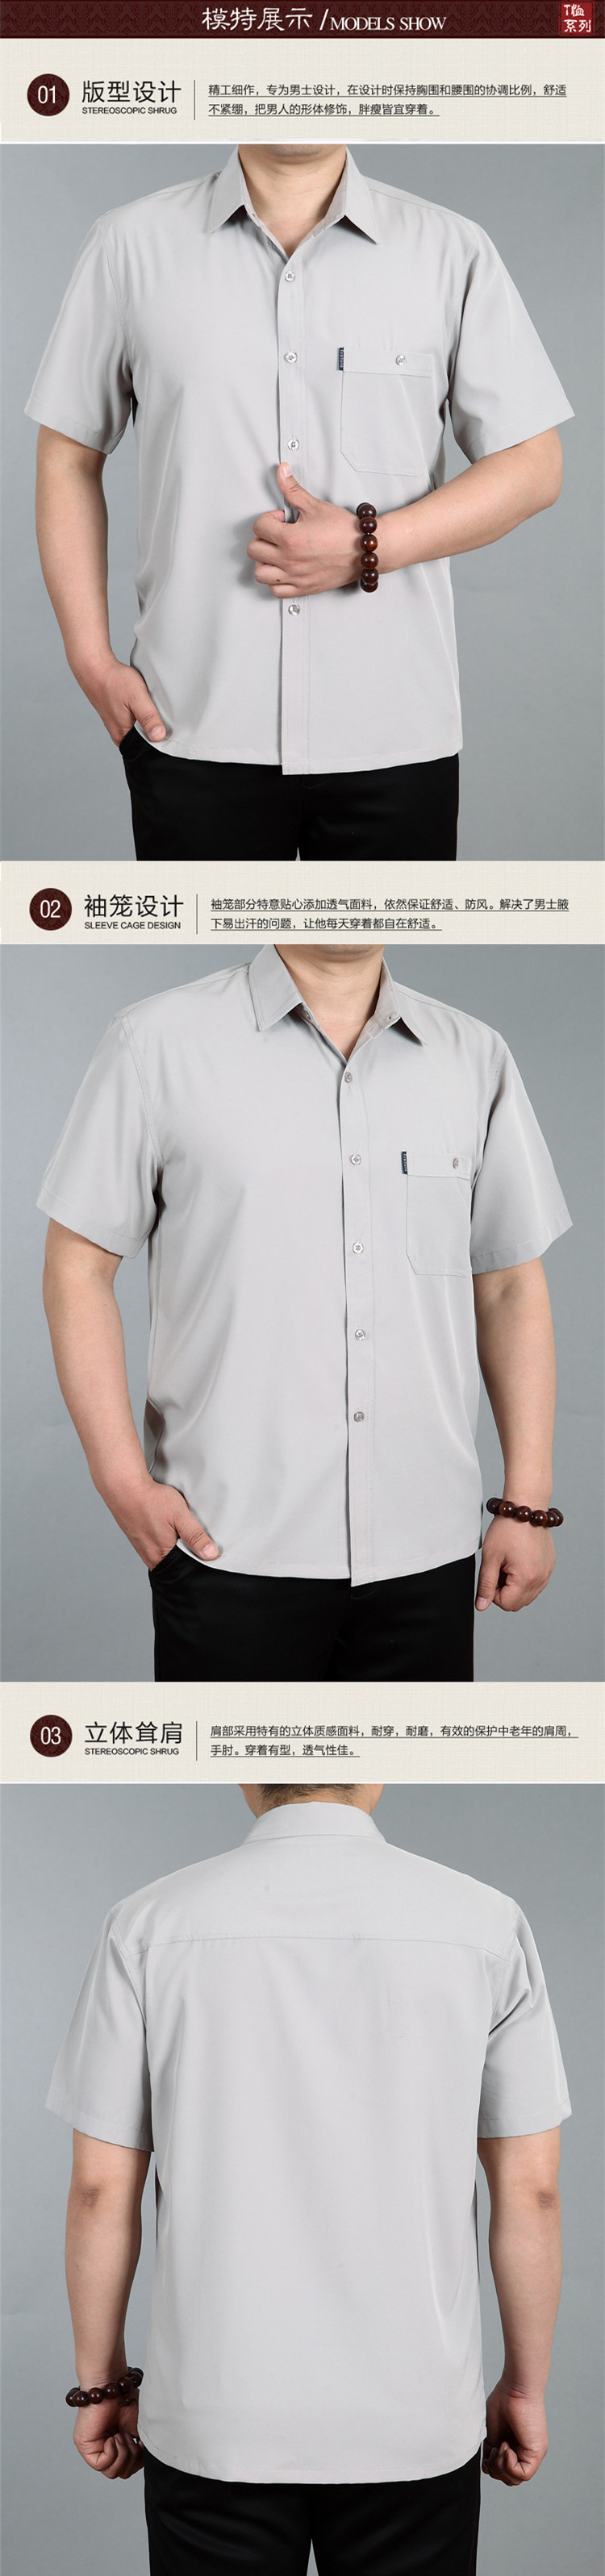 Mùa xuân và mùa hè người đàn ông trung niên của XL ngắn tay không-sắt áo sơ mi phần mỏng silk silk silk daddy áo sơ mi sơ mi công sở